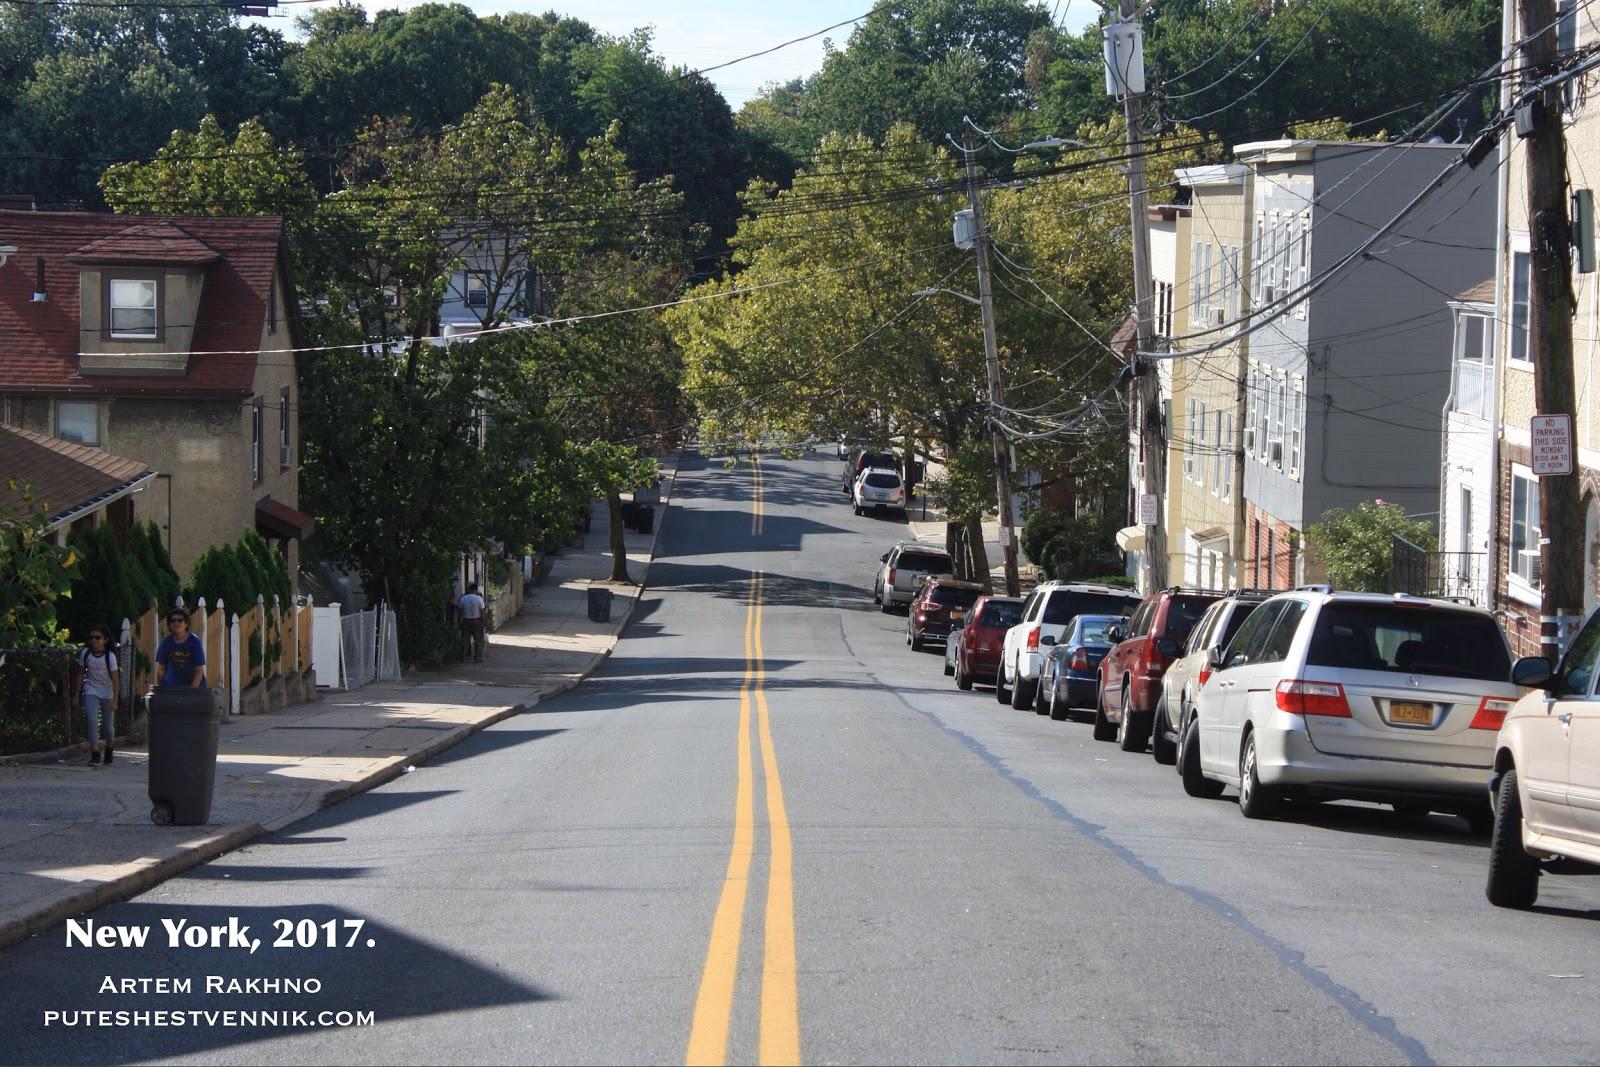 Улица в Нью-Рошелл